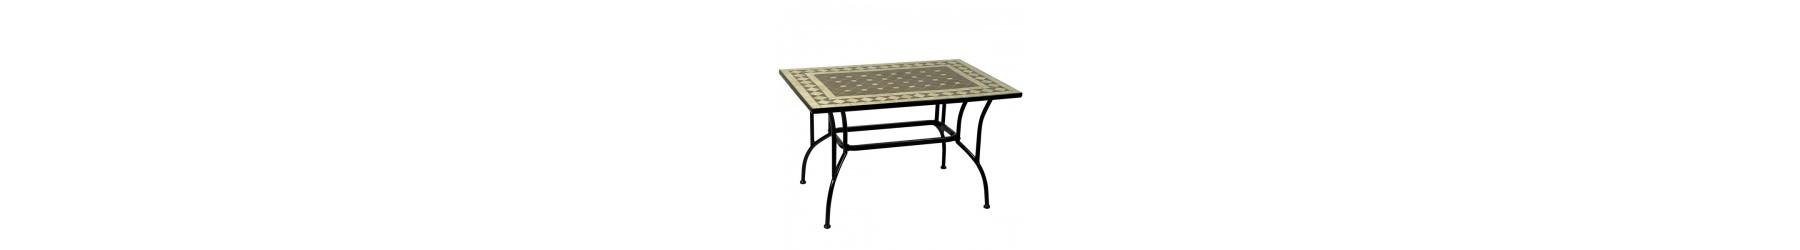 Τραπέζια με επιφάνεια από πέτρες σε μοτίβο